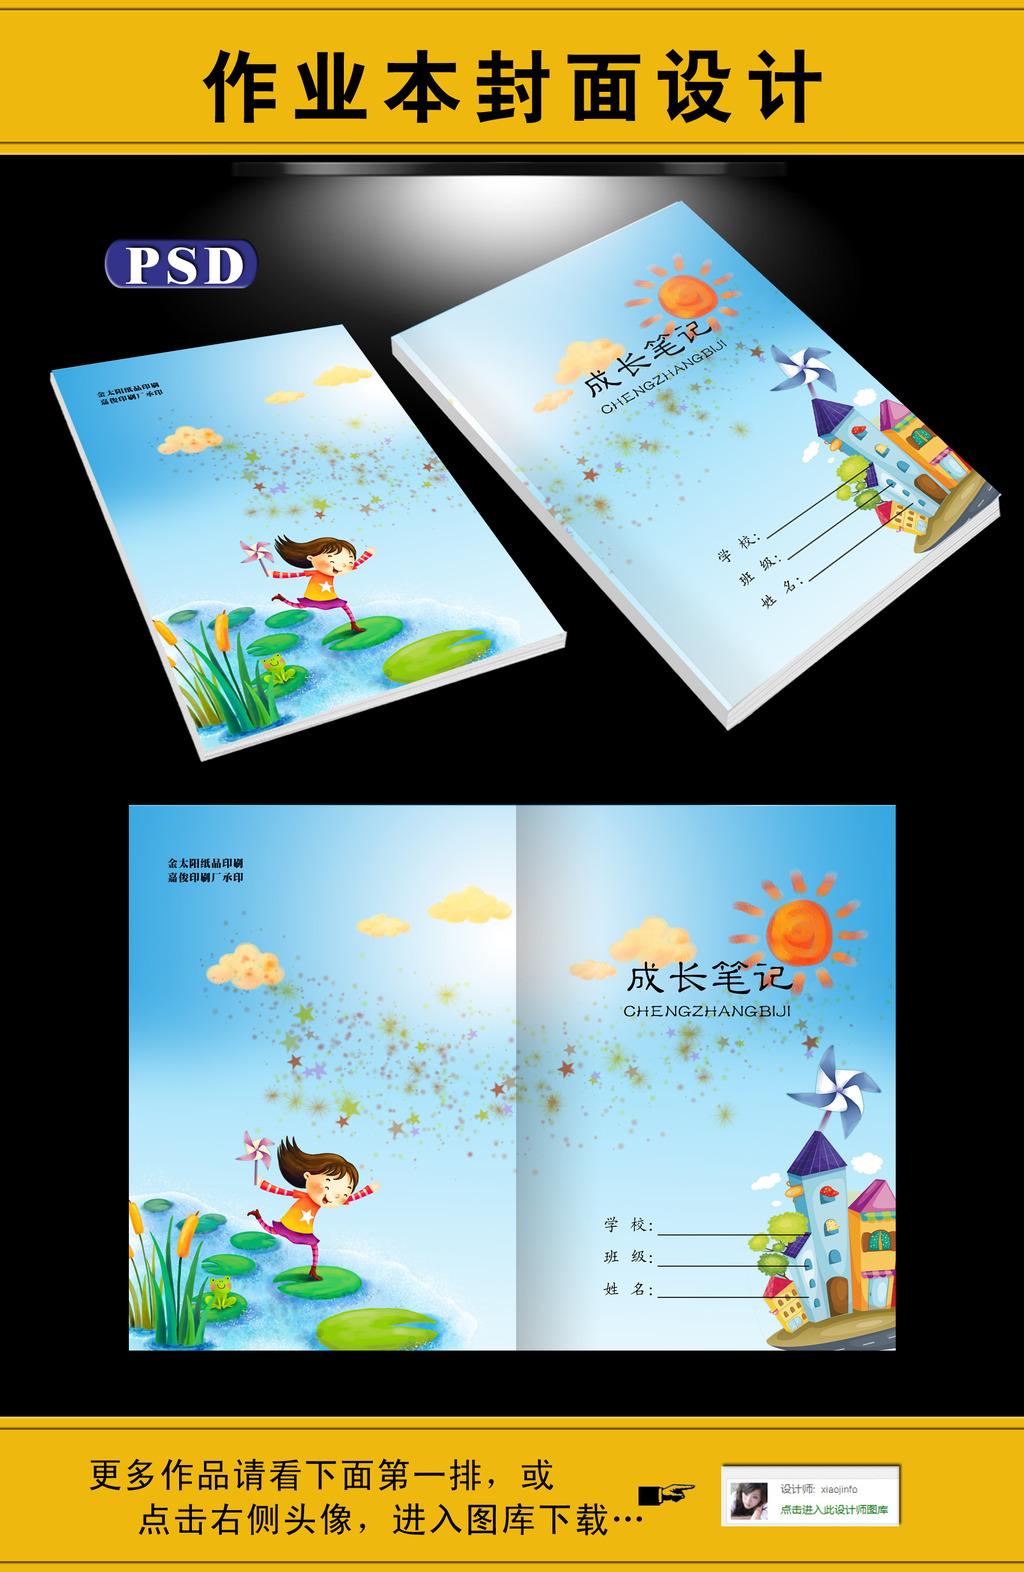 动物 作业本 英语簿 作文本 方格本 手绘 儿童 童趣 绿色 科目笔记